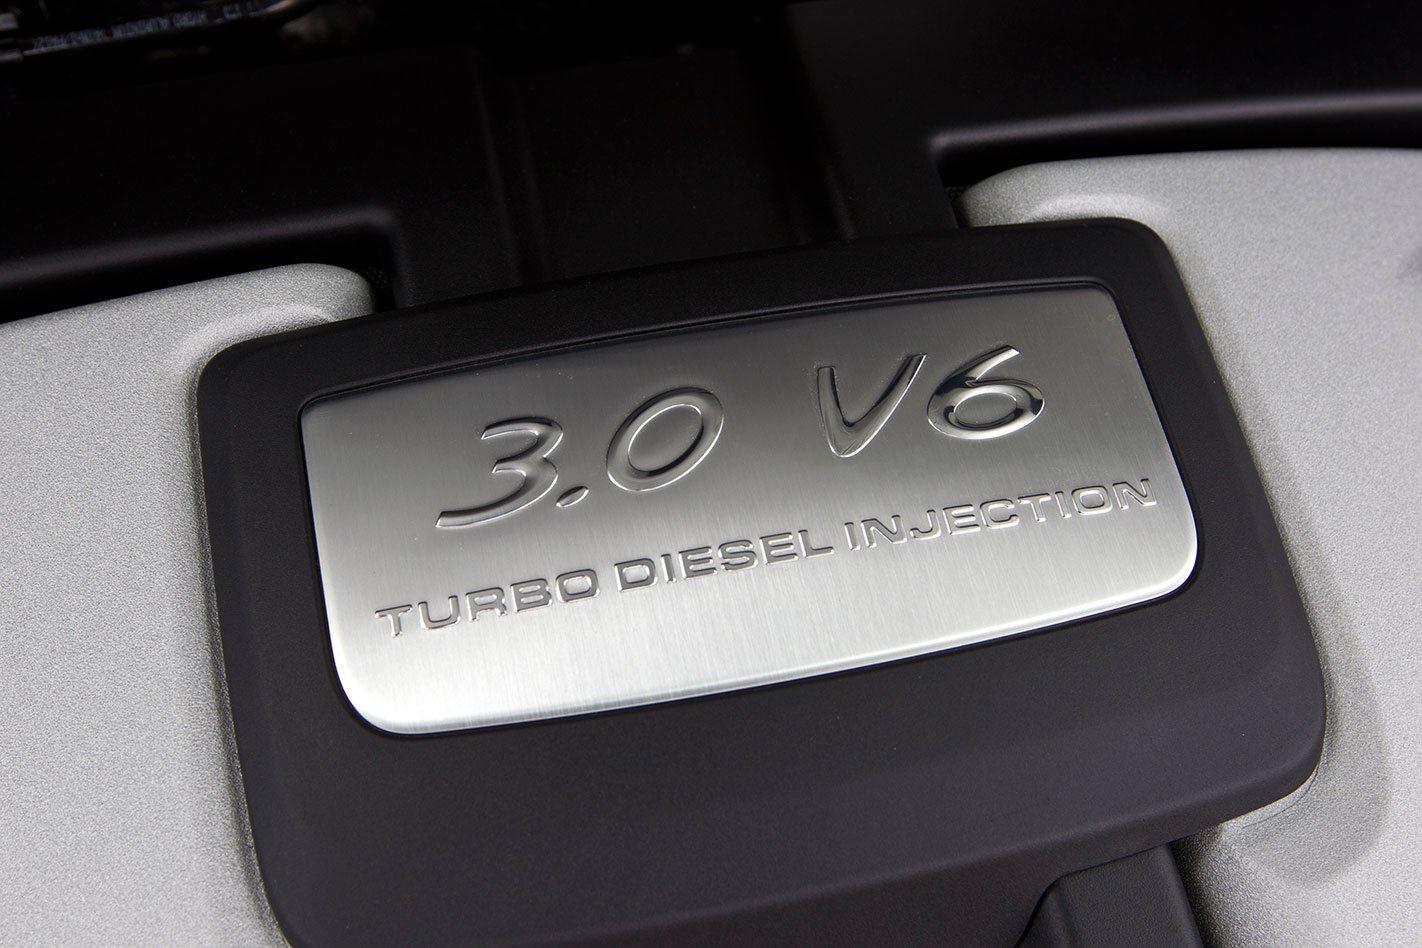 Porsche ends production of diesel models in favor of EVs